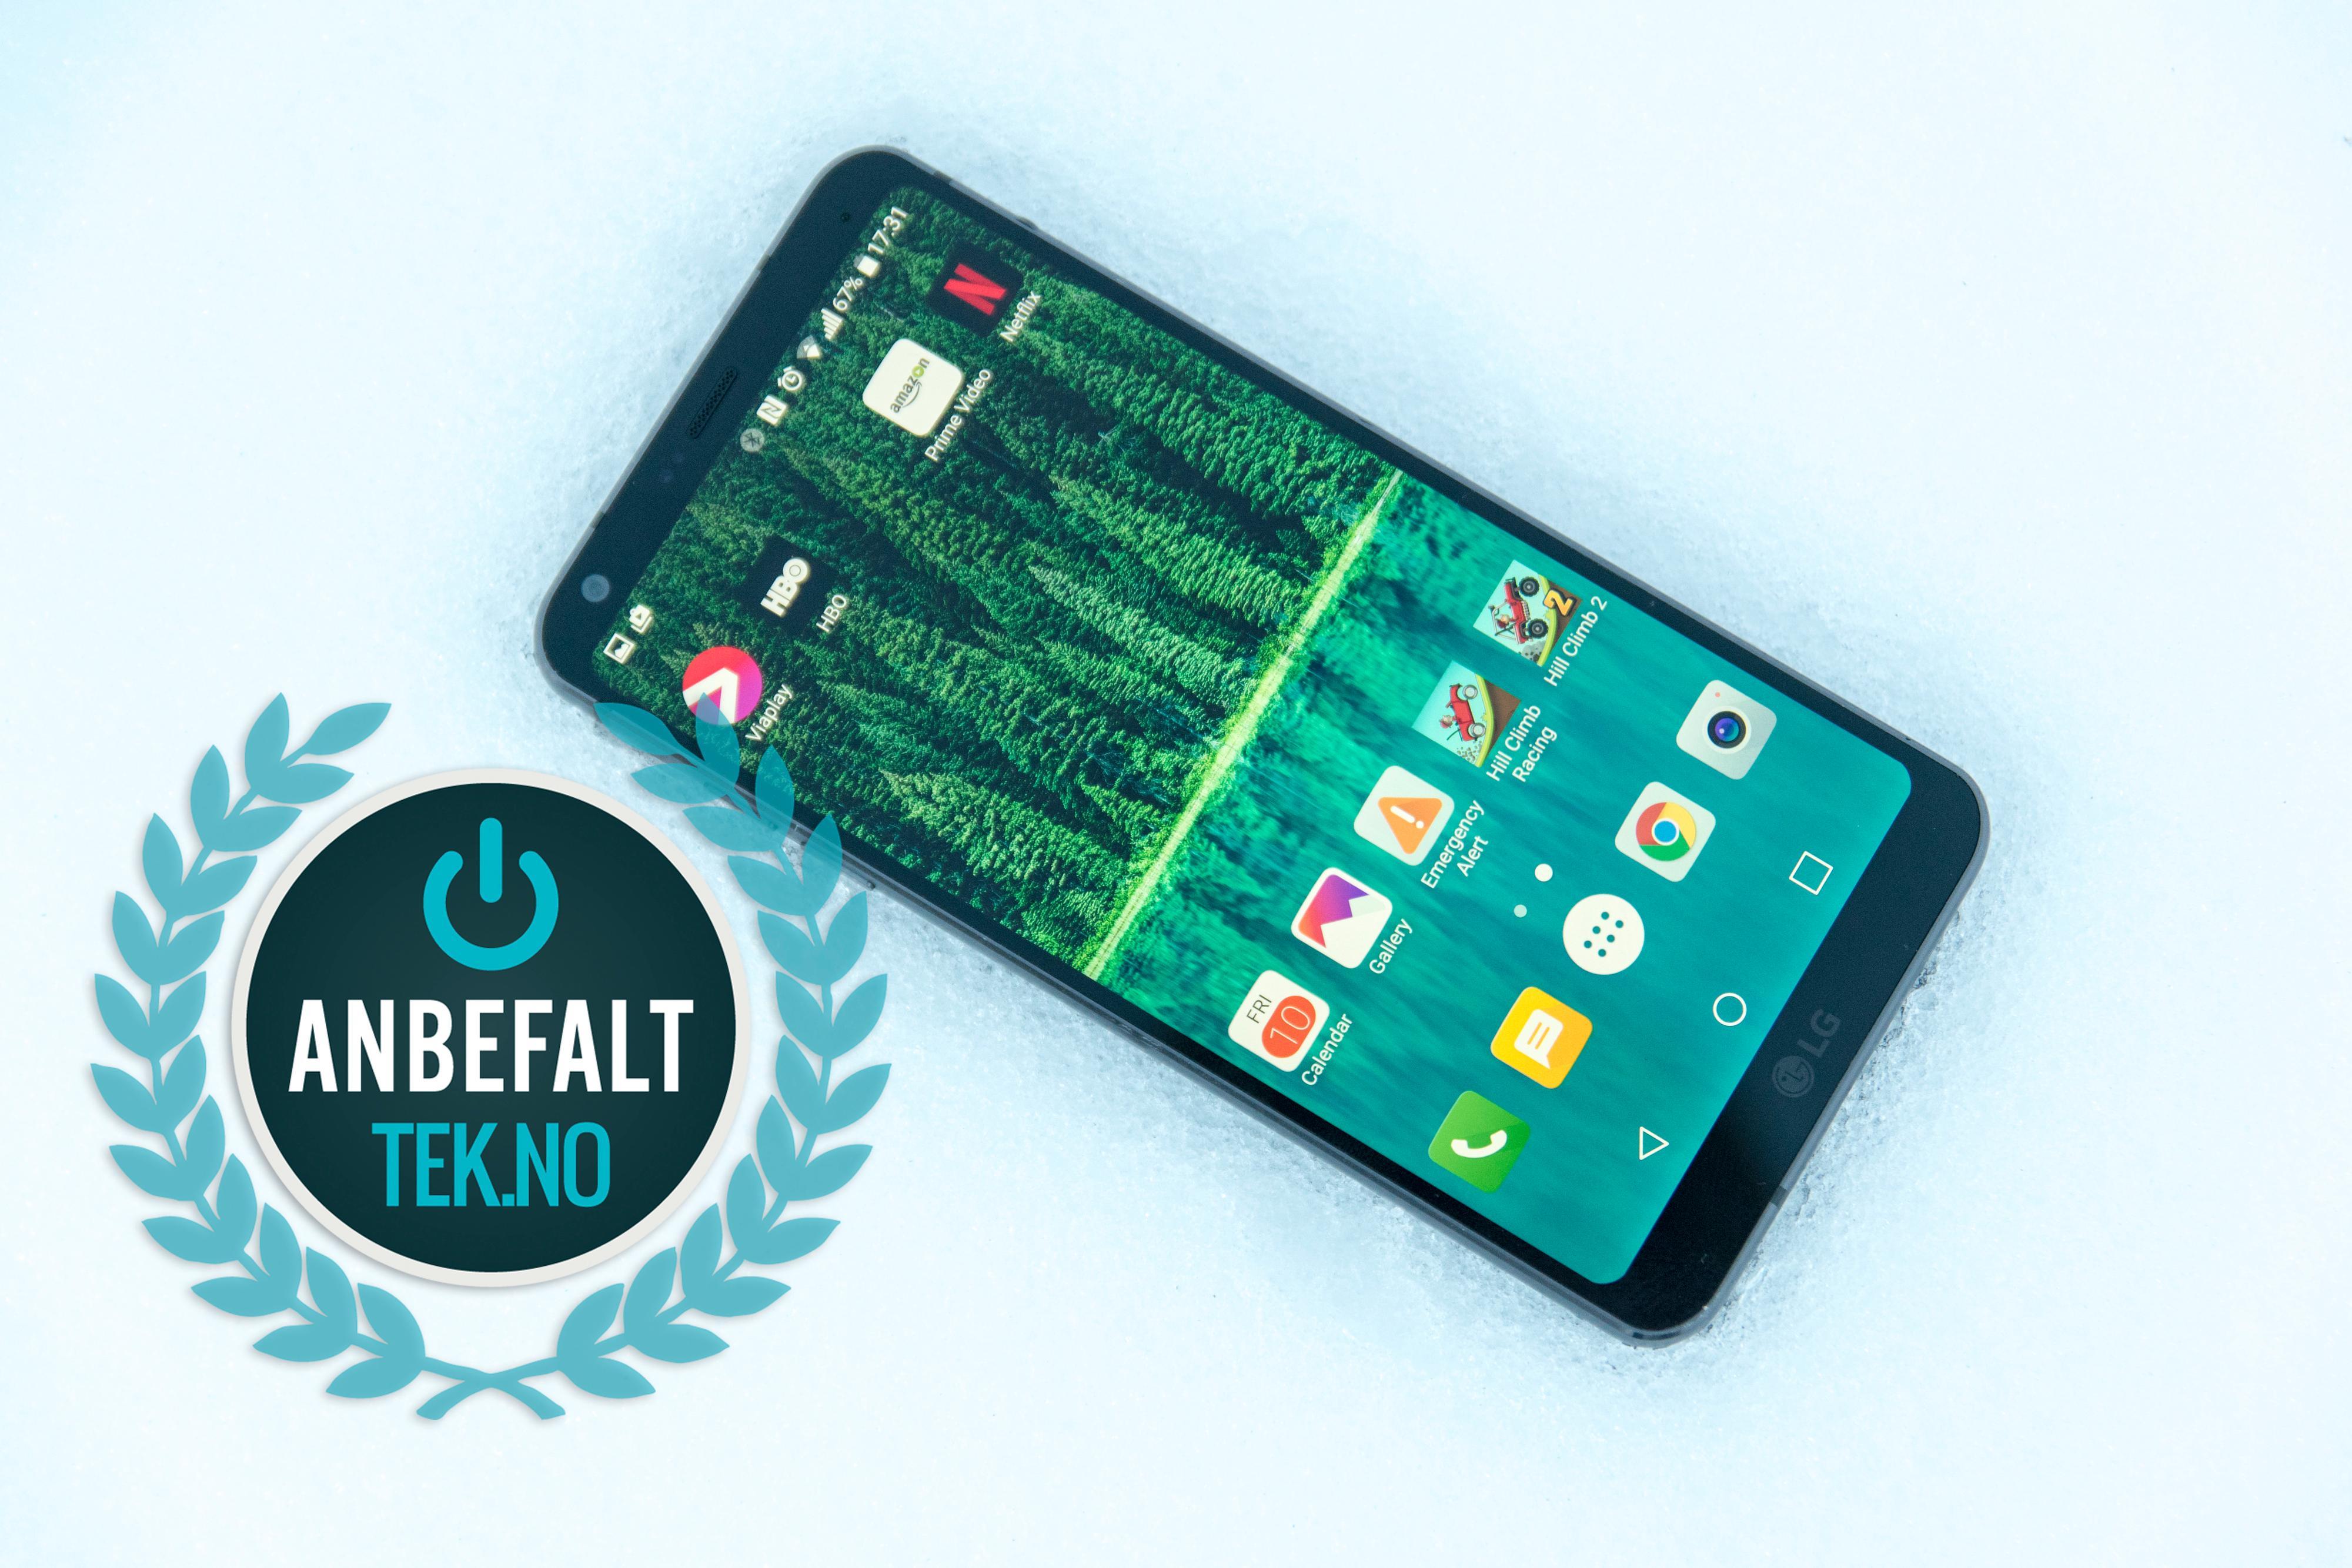 Nye LG G6 er rett og slett svært god. Den er først ut fra de store mobilprodusentene med radikale nye skjermvalg, samtidig som den beholder noen av de beste kvalitetene fra tradisjonelle mobiltelefoner.